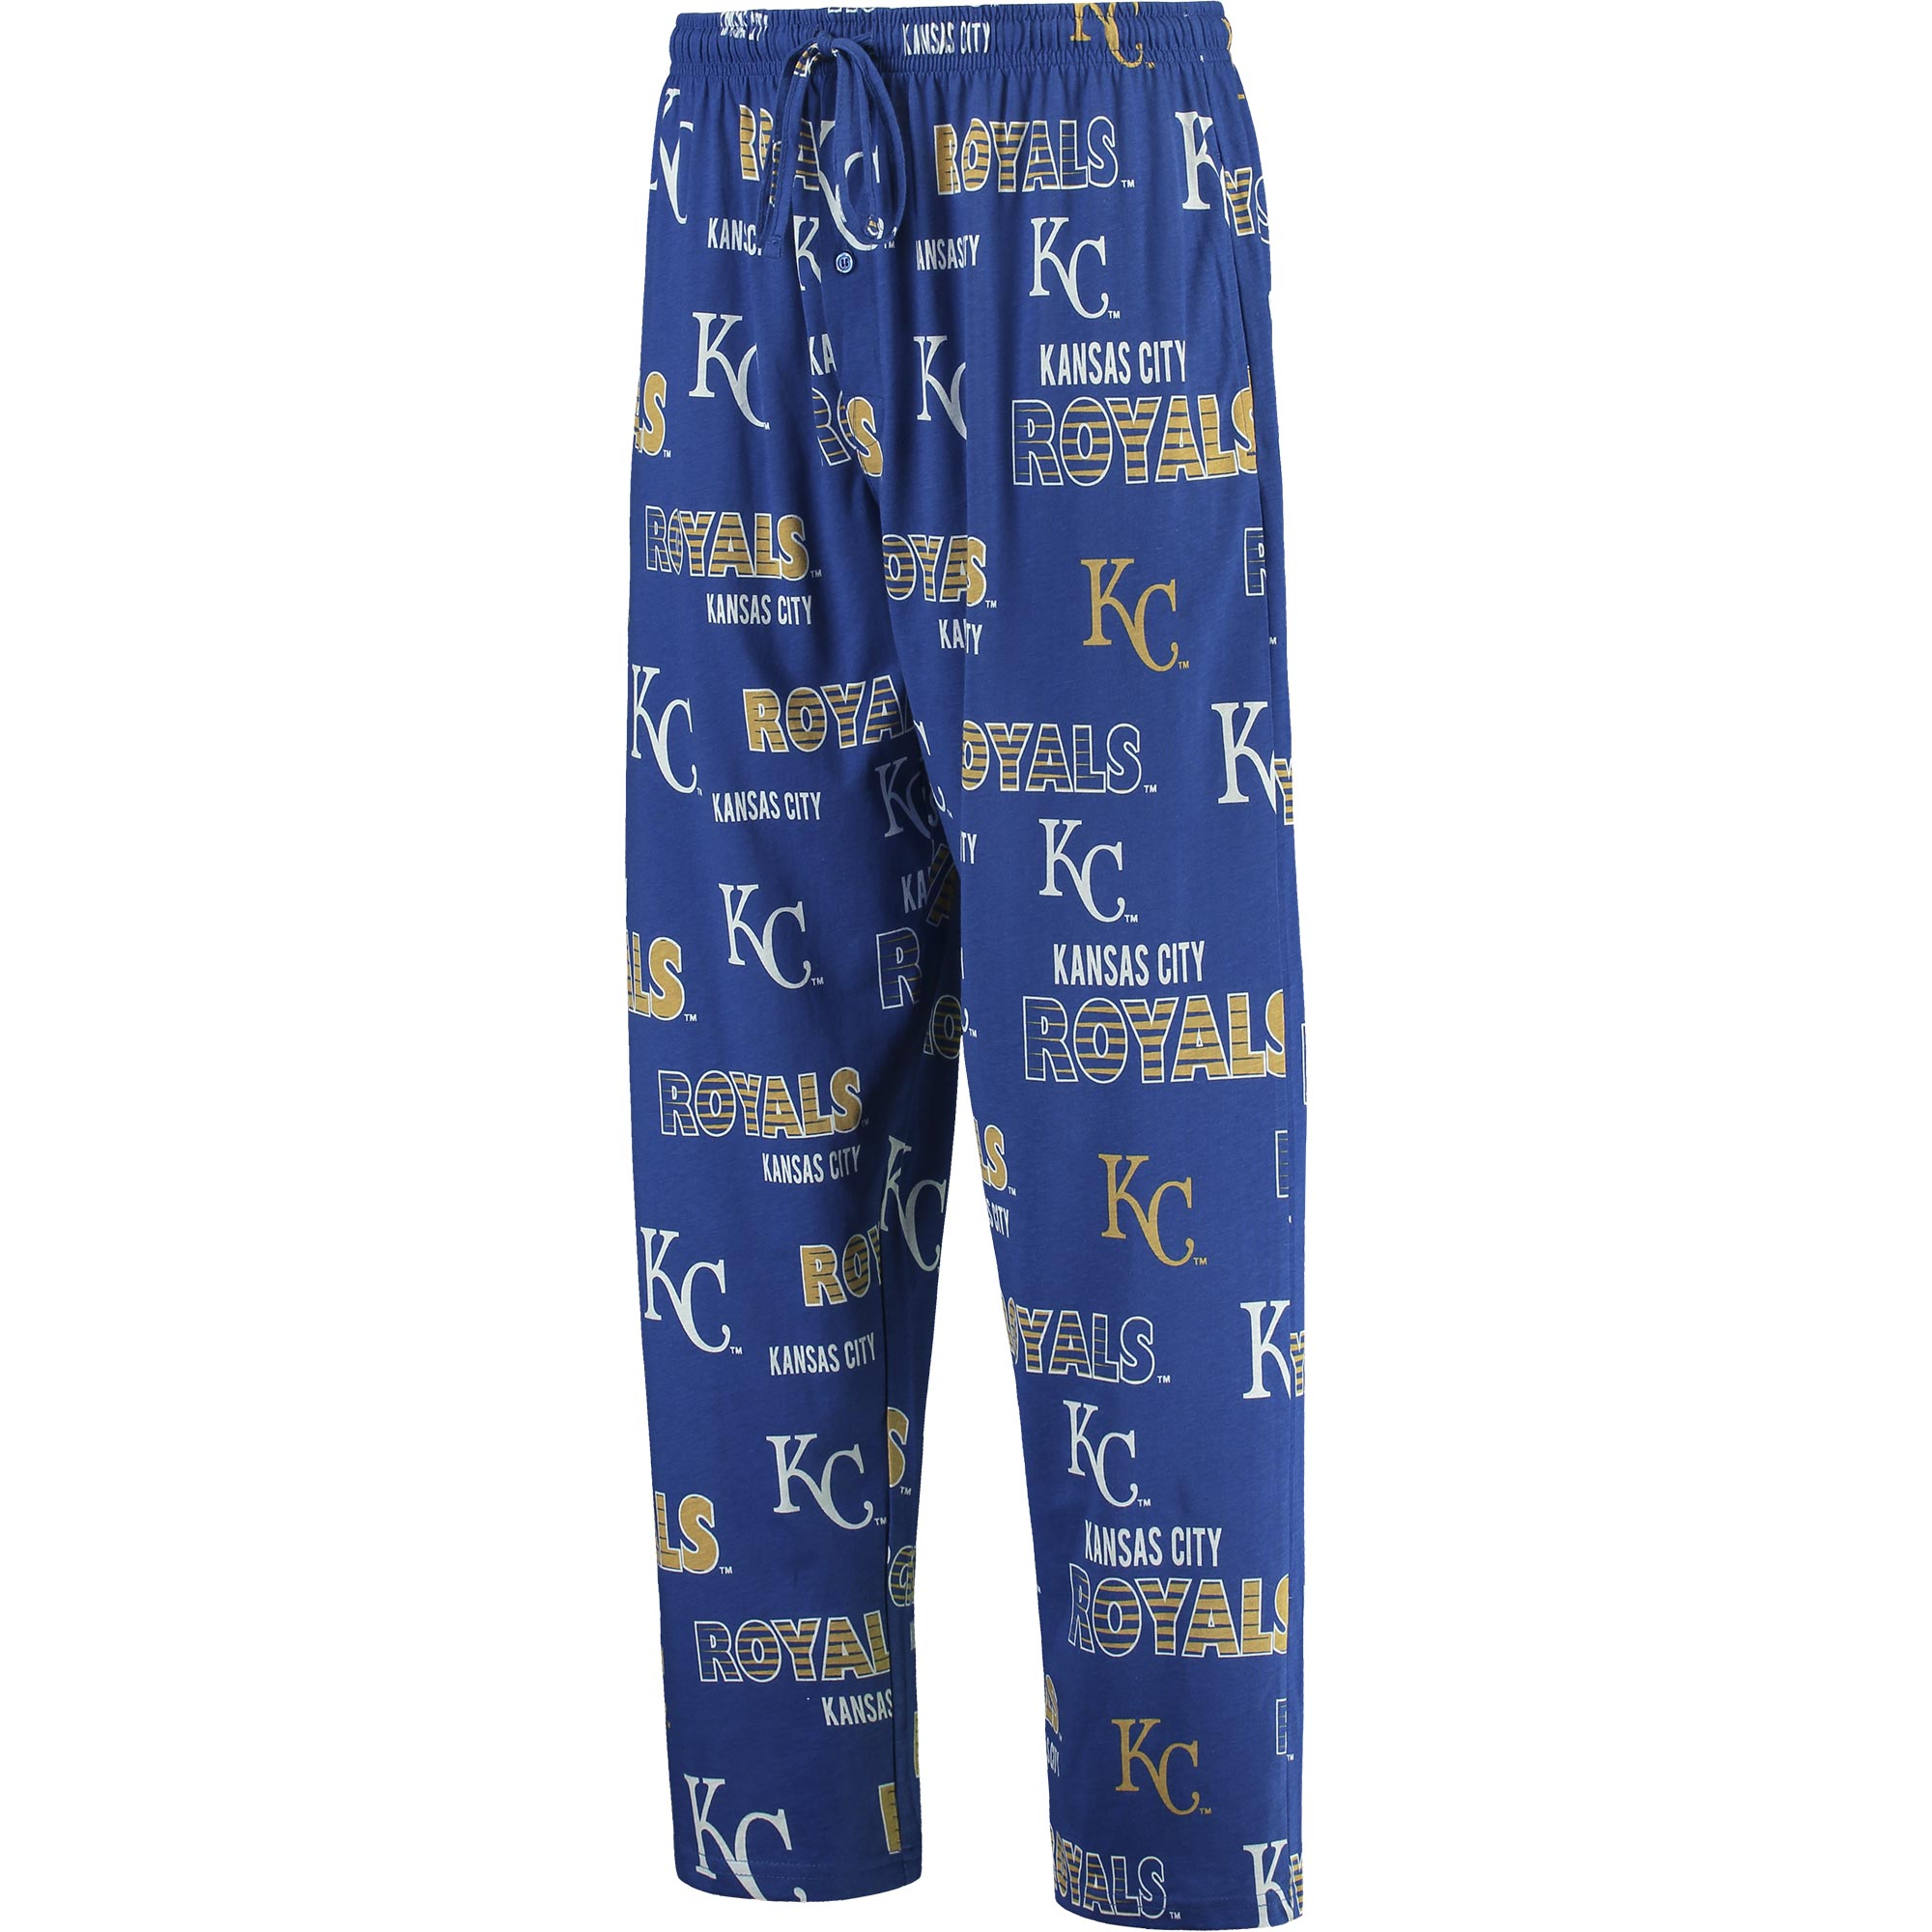 Kansas City Royals Concepts Sport Sweep Allover Knit Pants - Royal